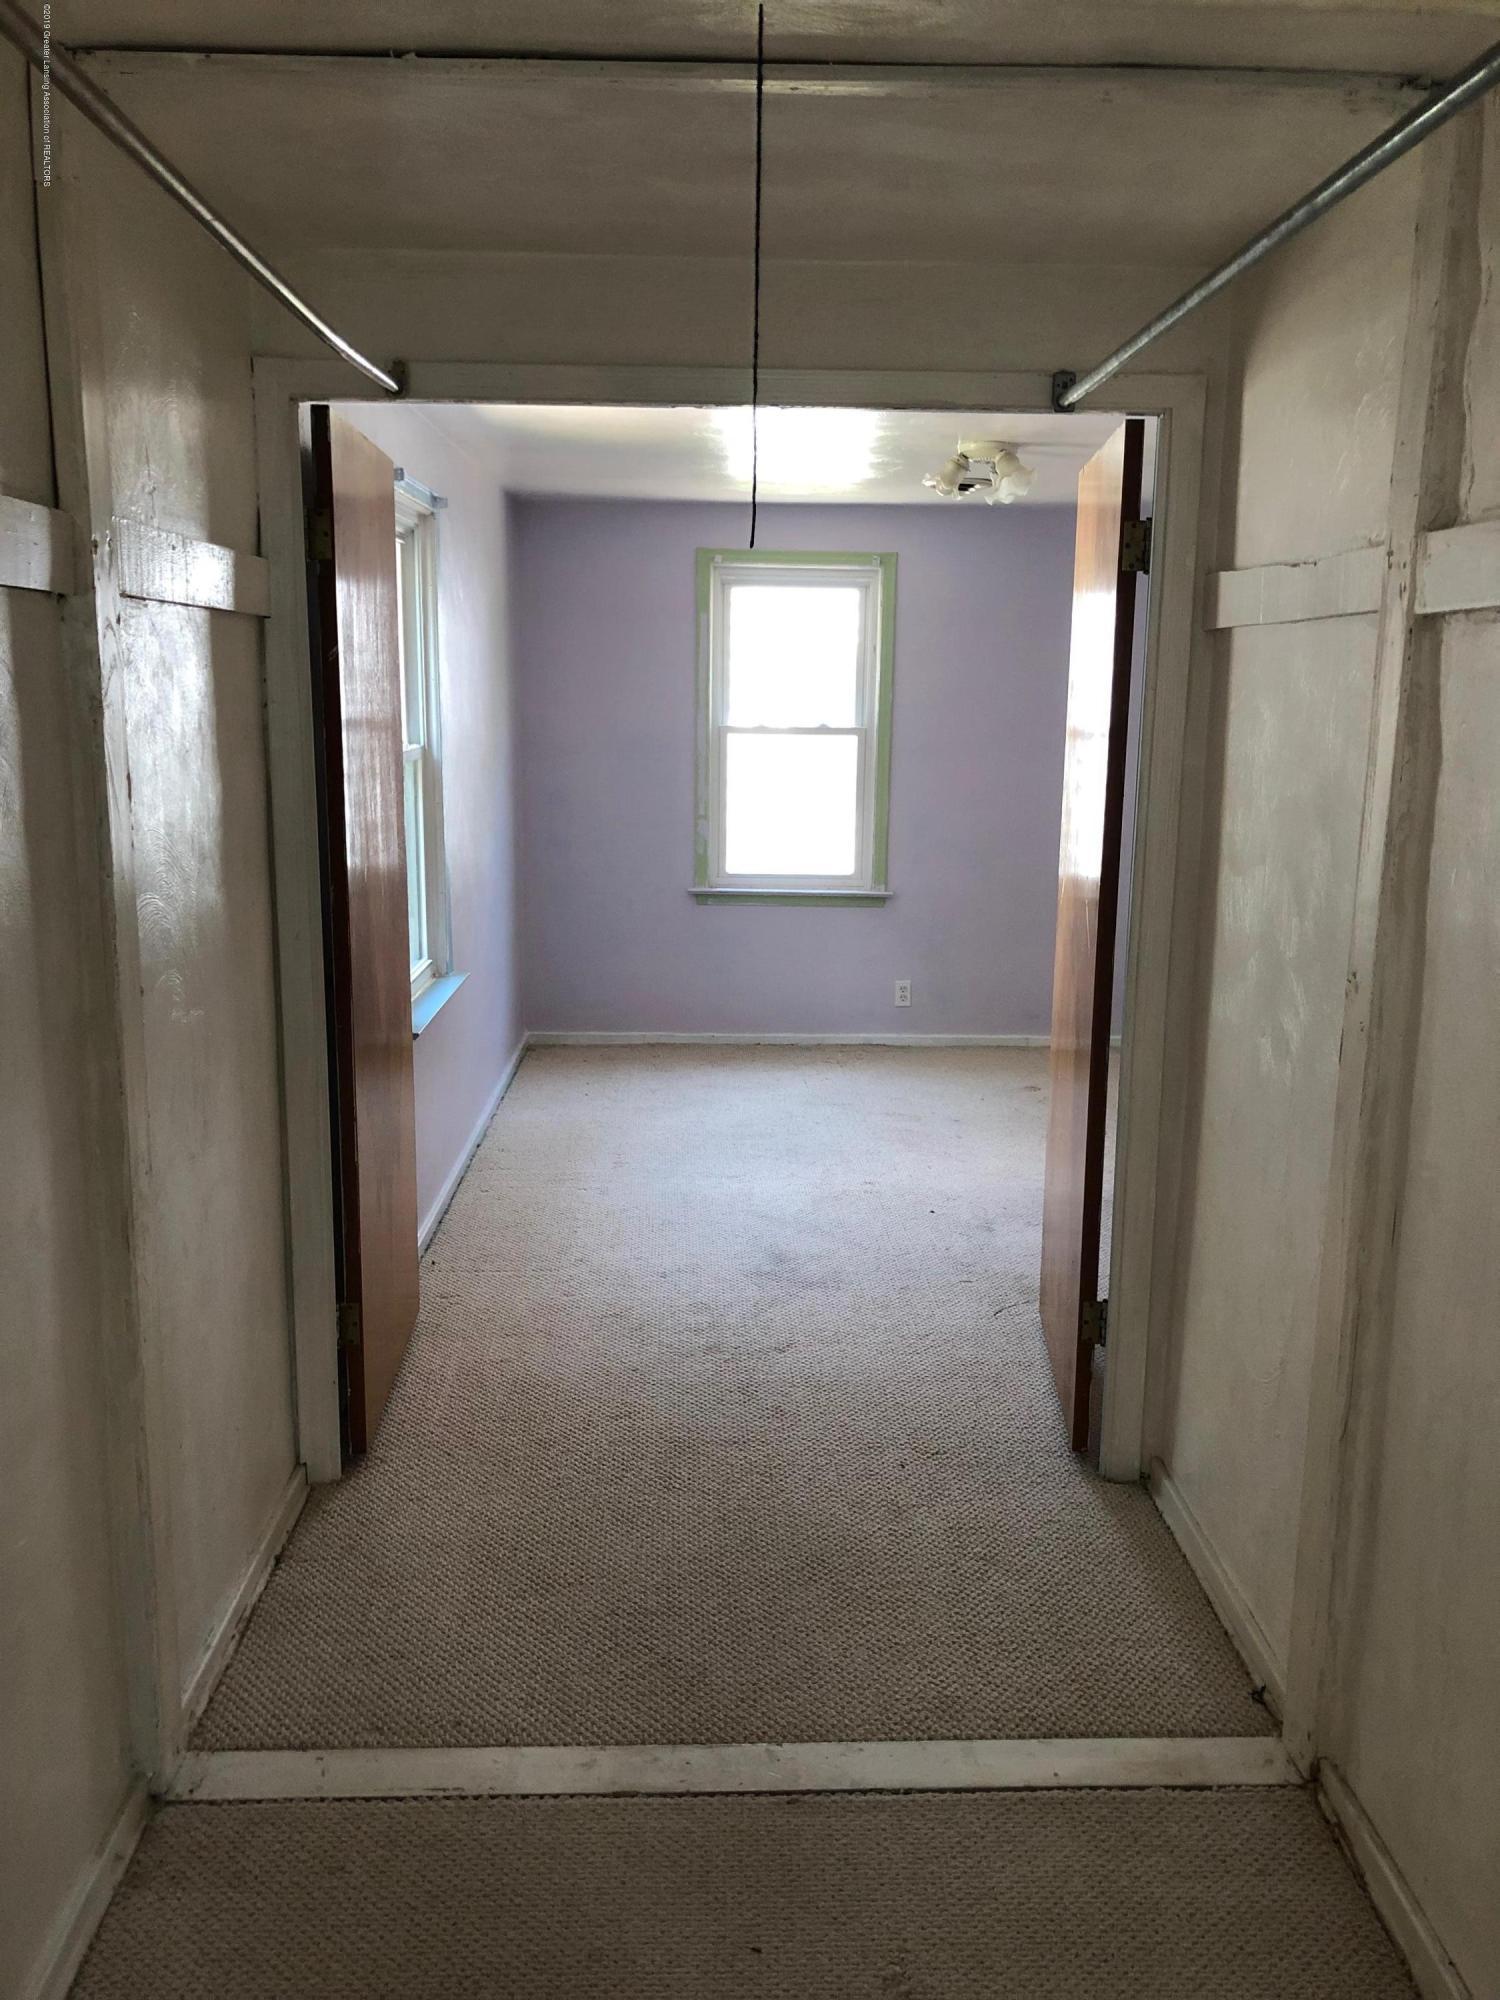 2918 Timber Dr - Hallway - 10